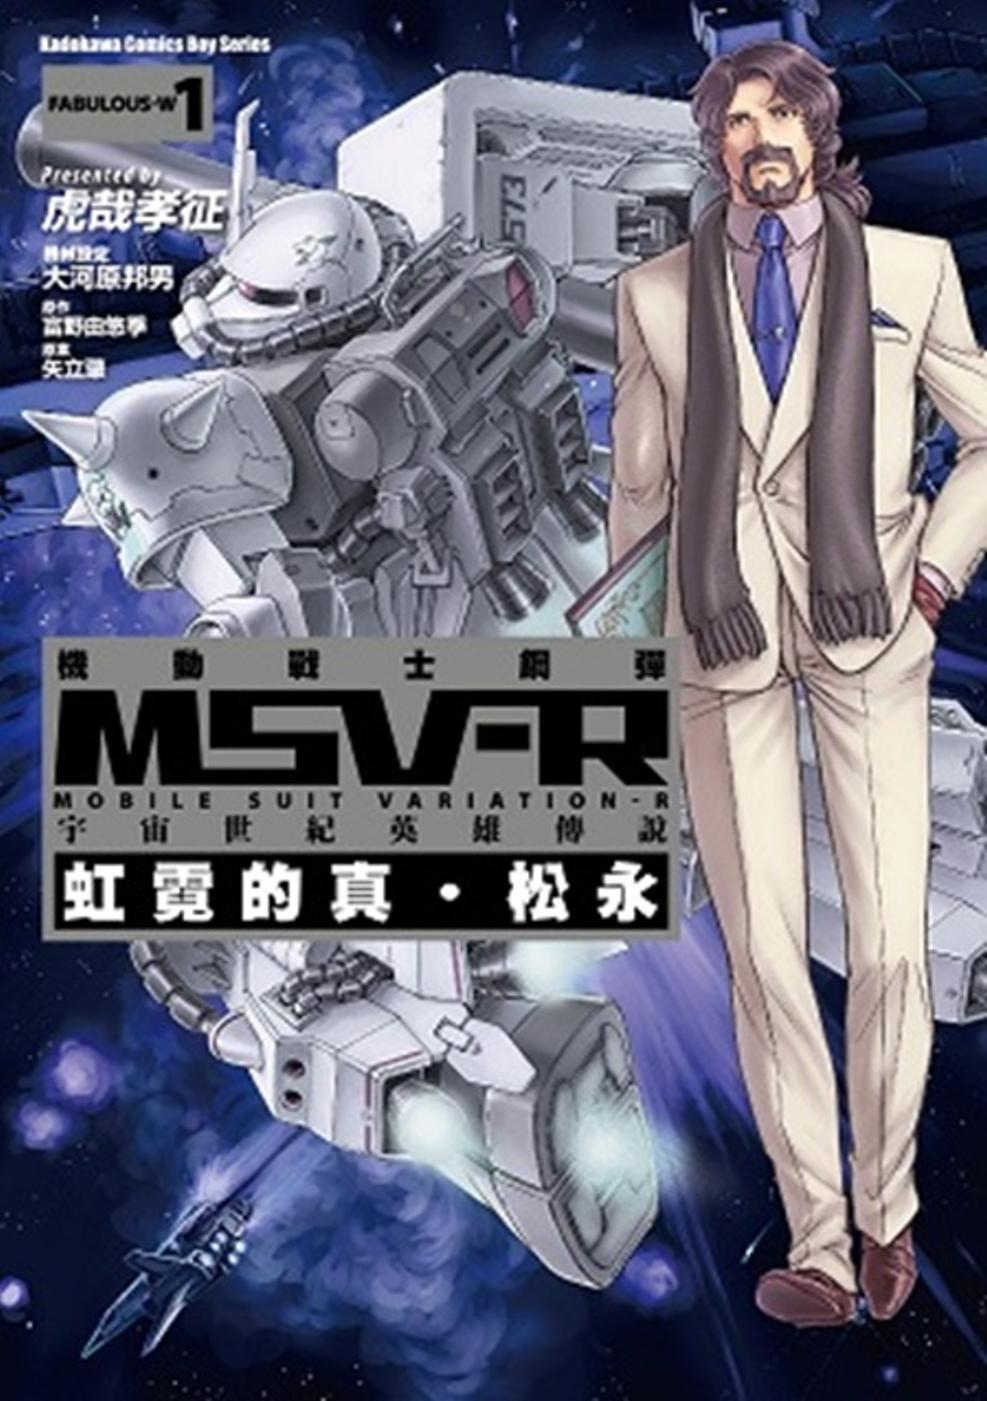 機動戰士鋼彈 MSV-R 宇宙世紀英雄傳說 虹霓的真‧松永 01